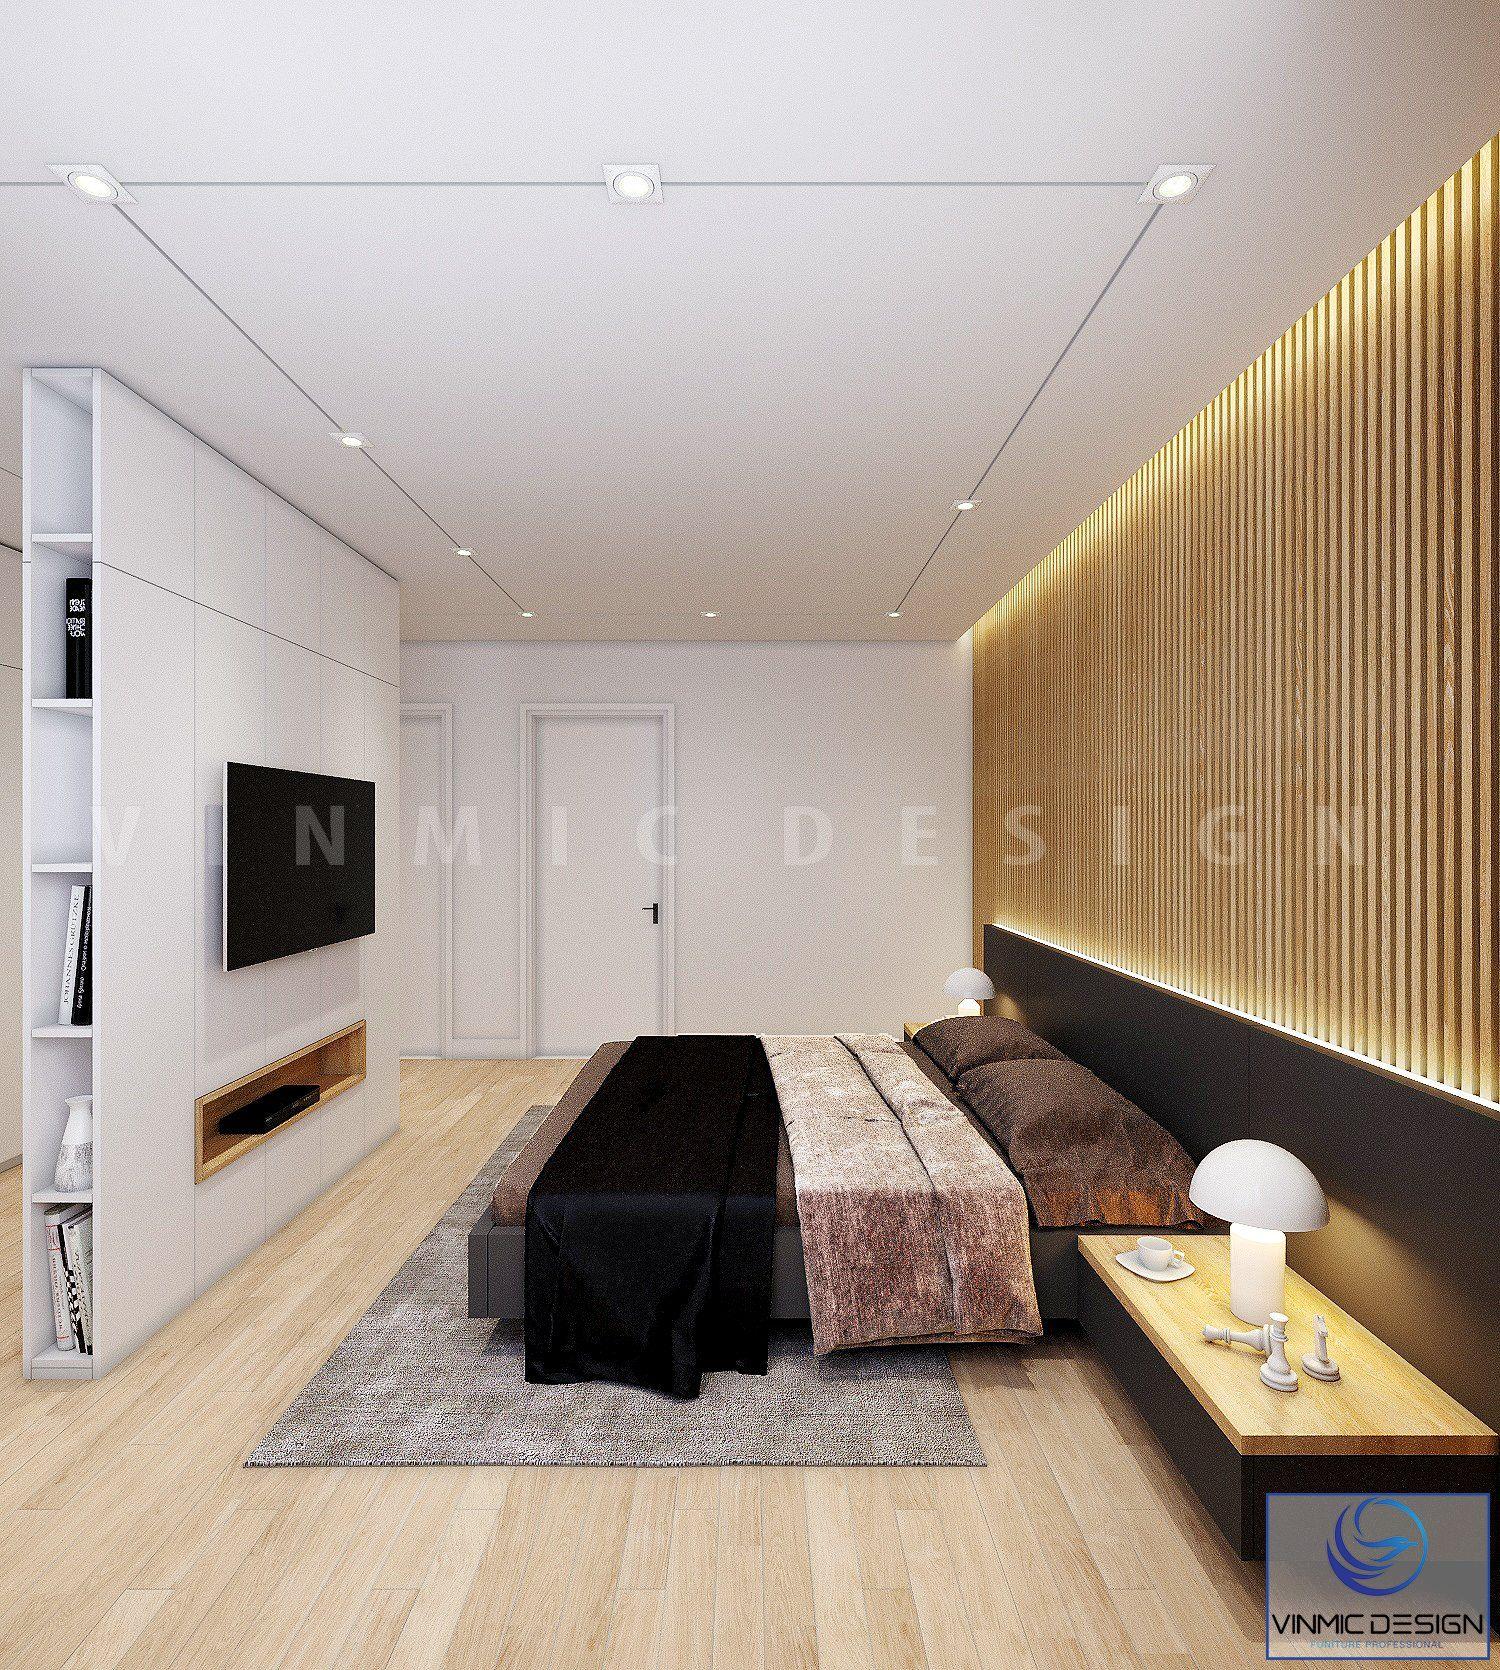 Thiết kế hệ tủ đứng ở gần giữa phòng ngủ tạo nên sự tiện lợi